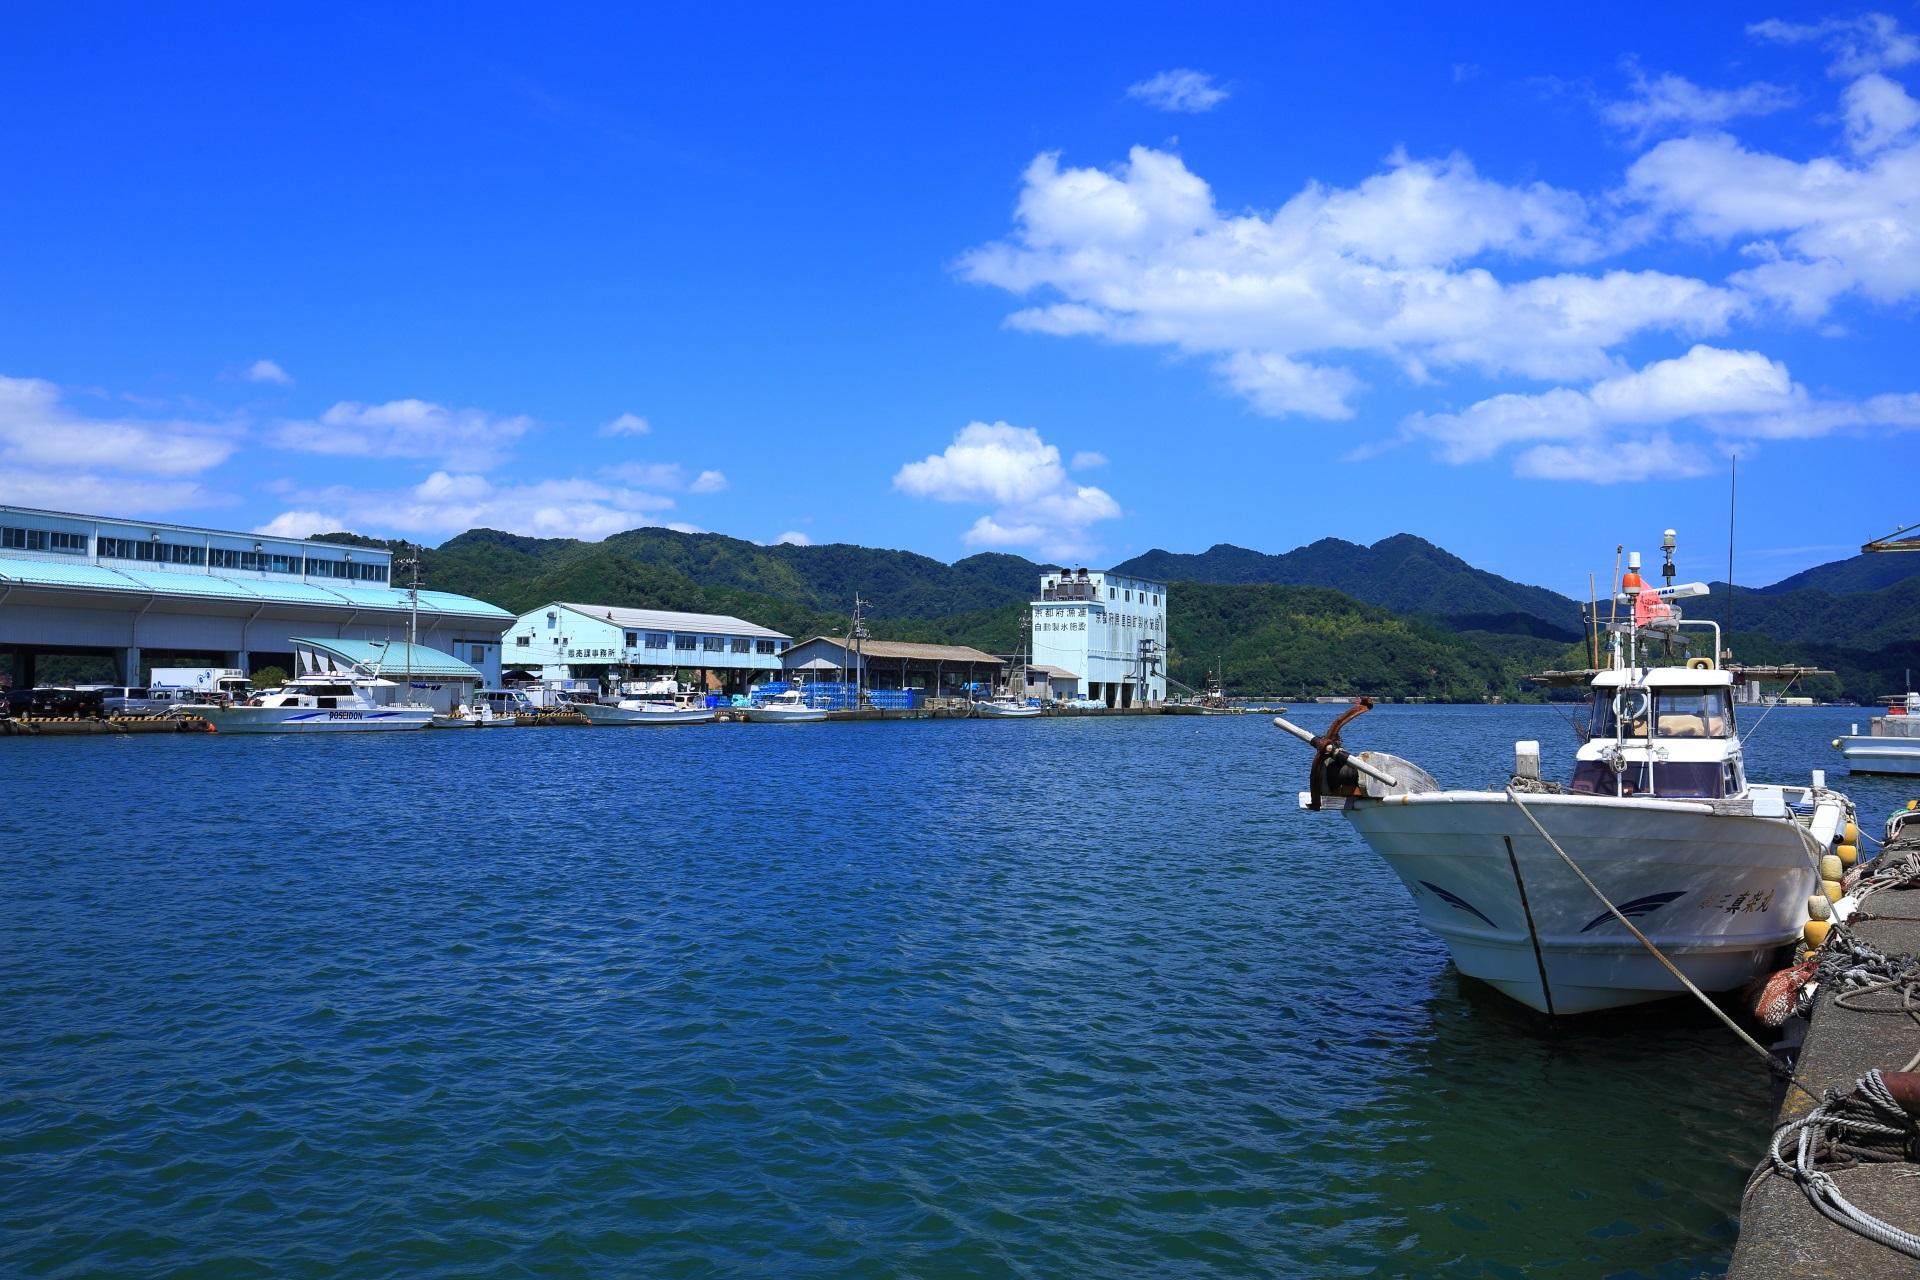 舞鶴の伊佐津川東側の西吉原地区から眺めた船や漁港の風景